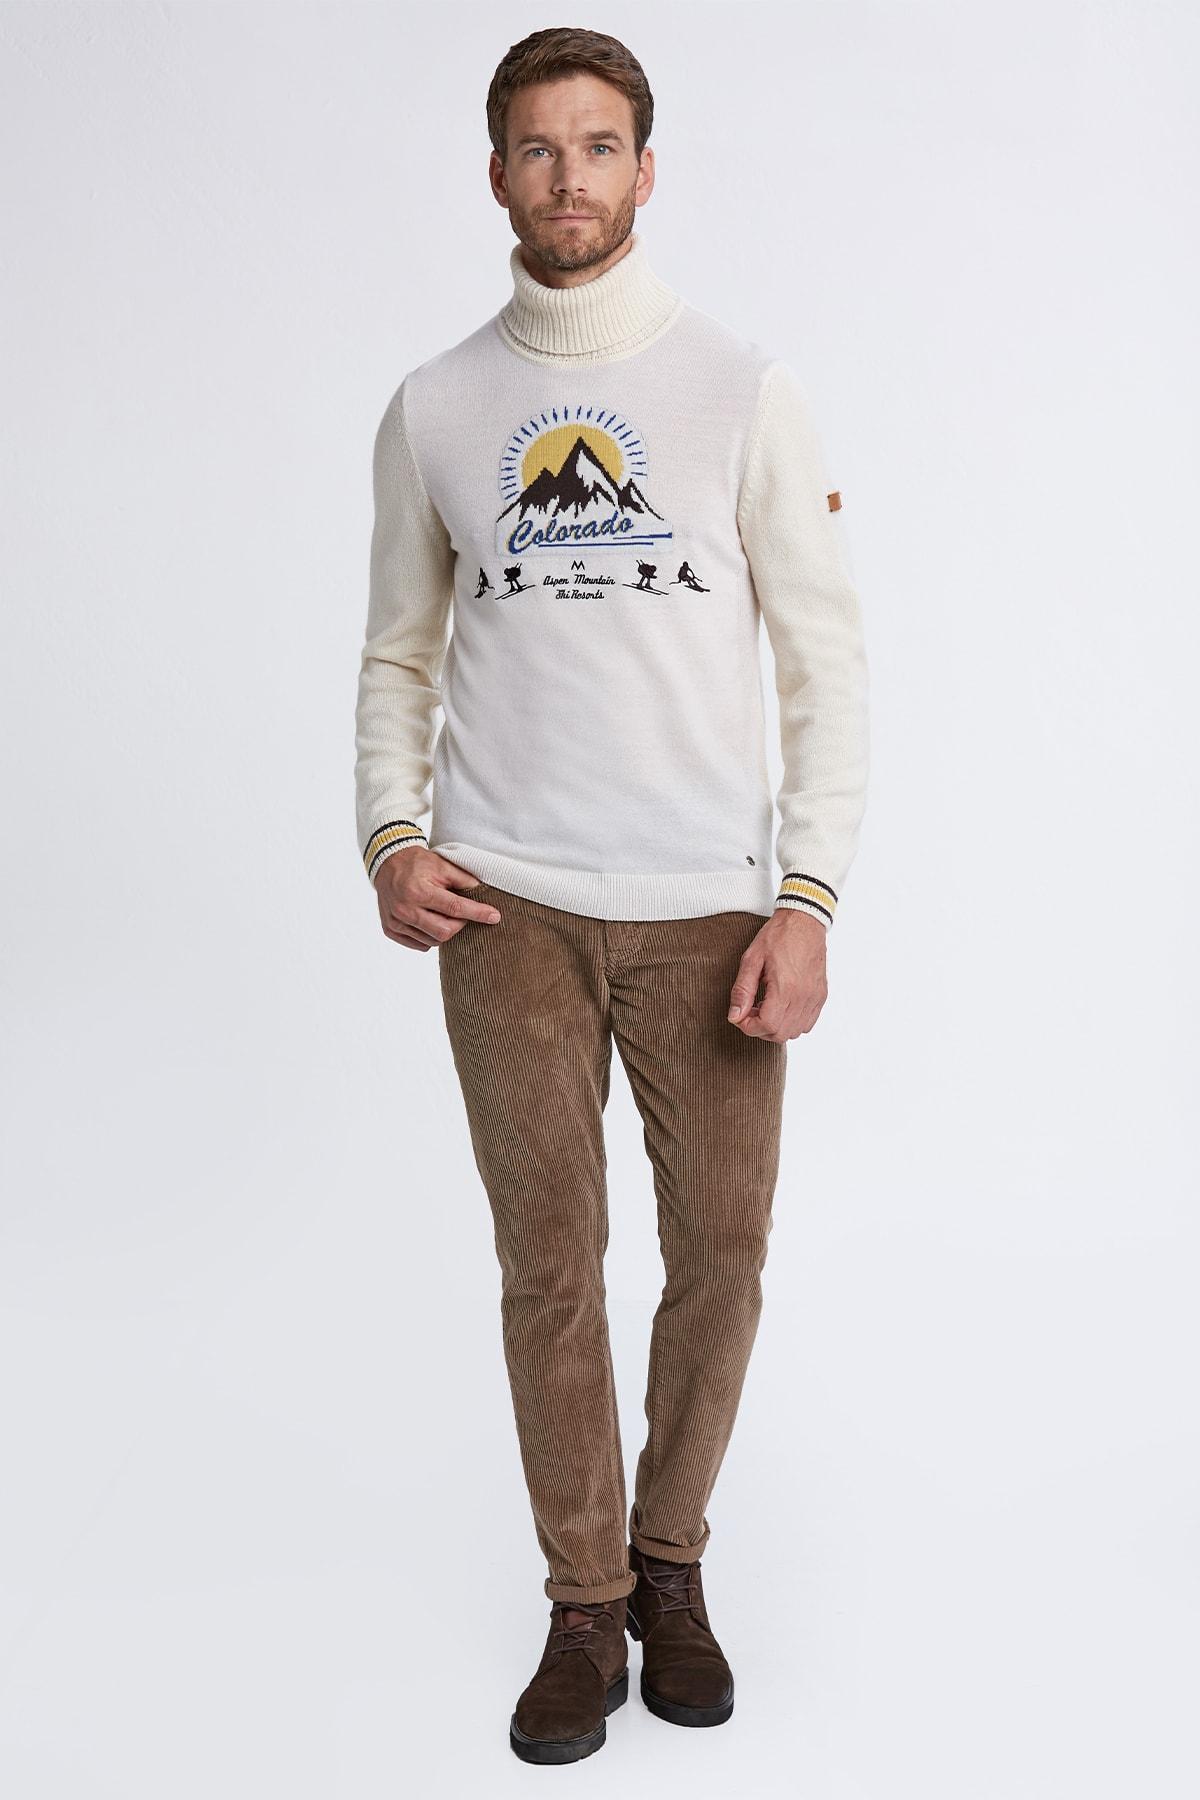 Hemington Erkek Kırık Beyaz Desenli Boğazlı Kaşmir Yün Karışımlı Kazak 2